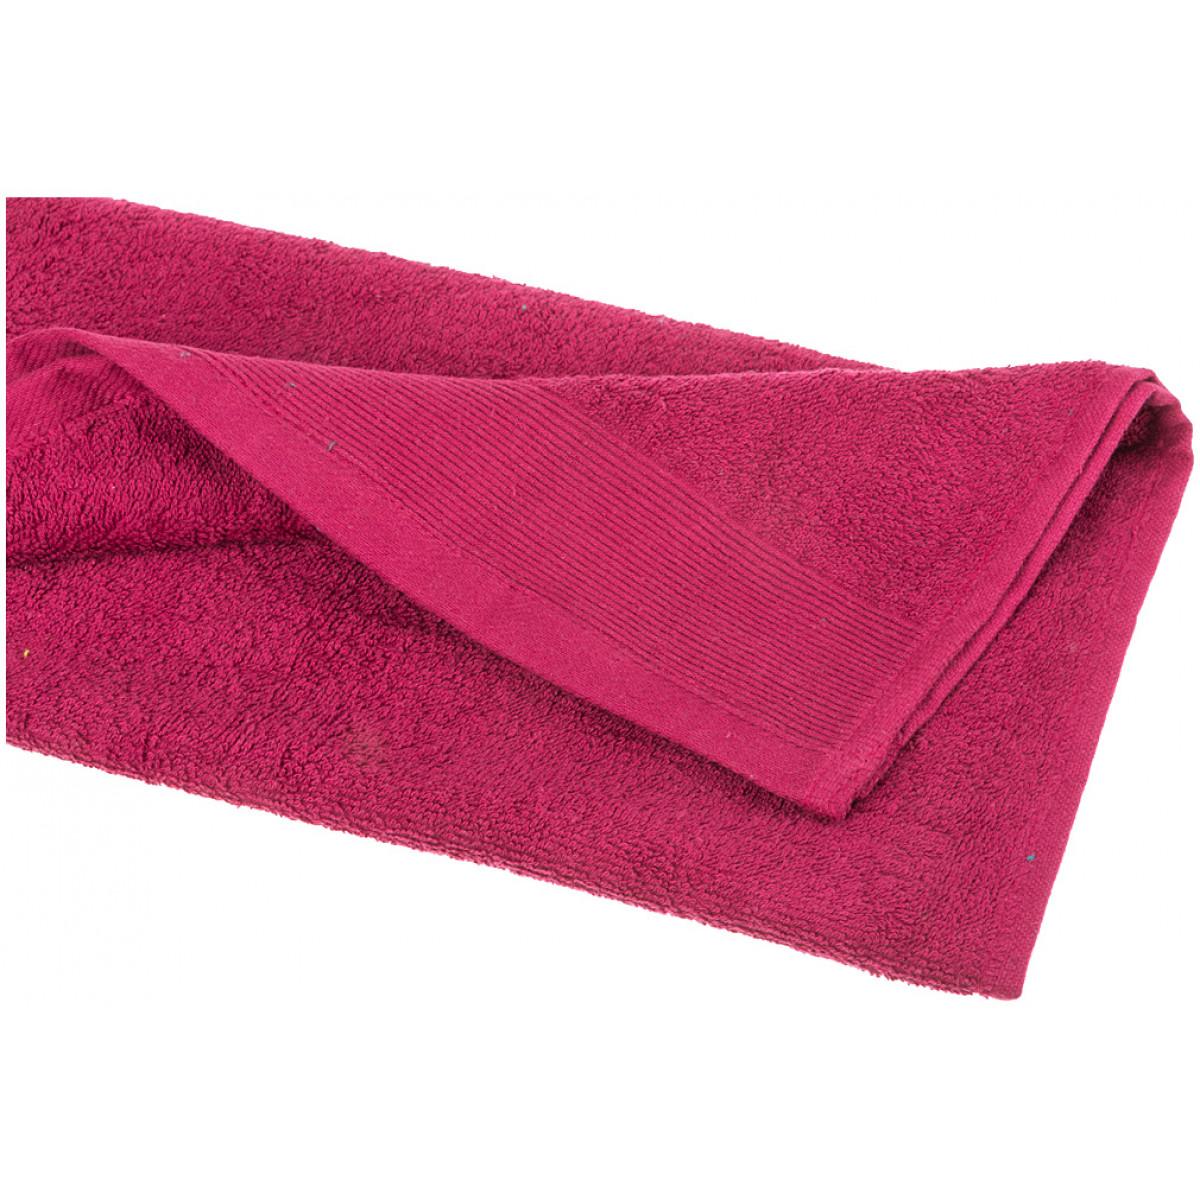 Купить Полотенца Santalino, Полотенце Allannah (40х70 см), Пакистан, Бордовый, Махра